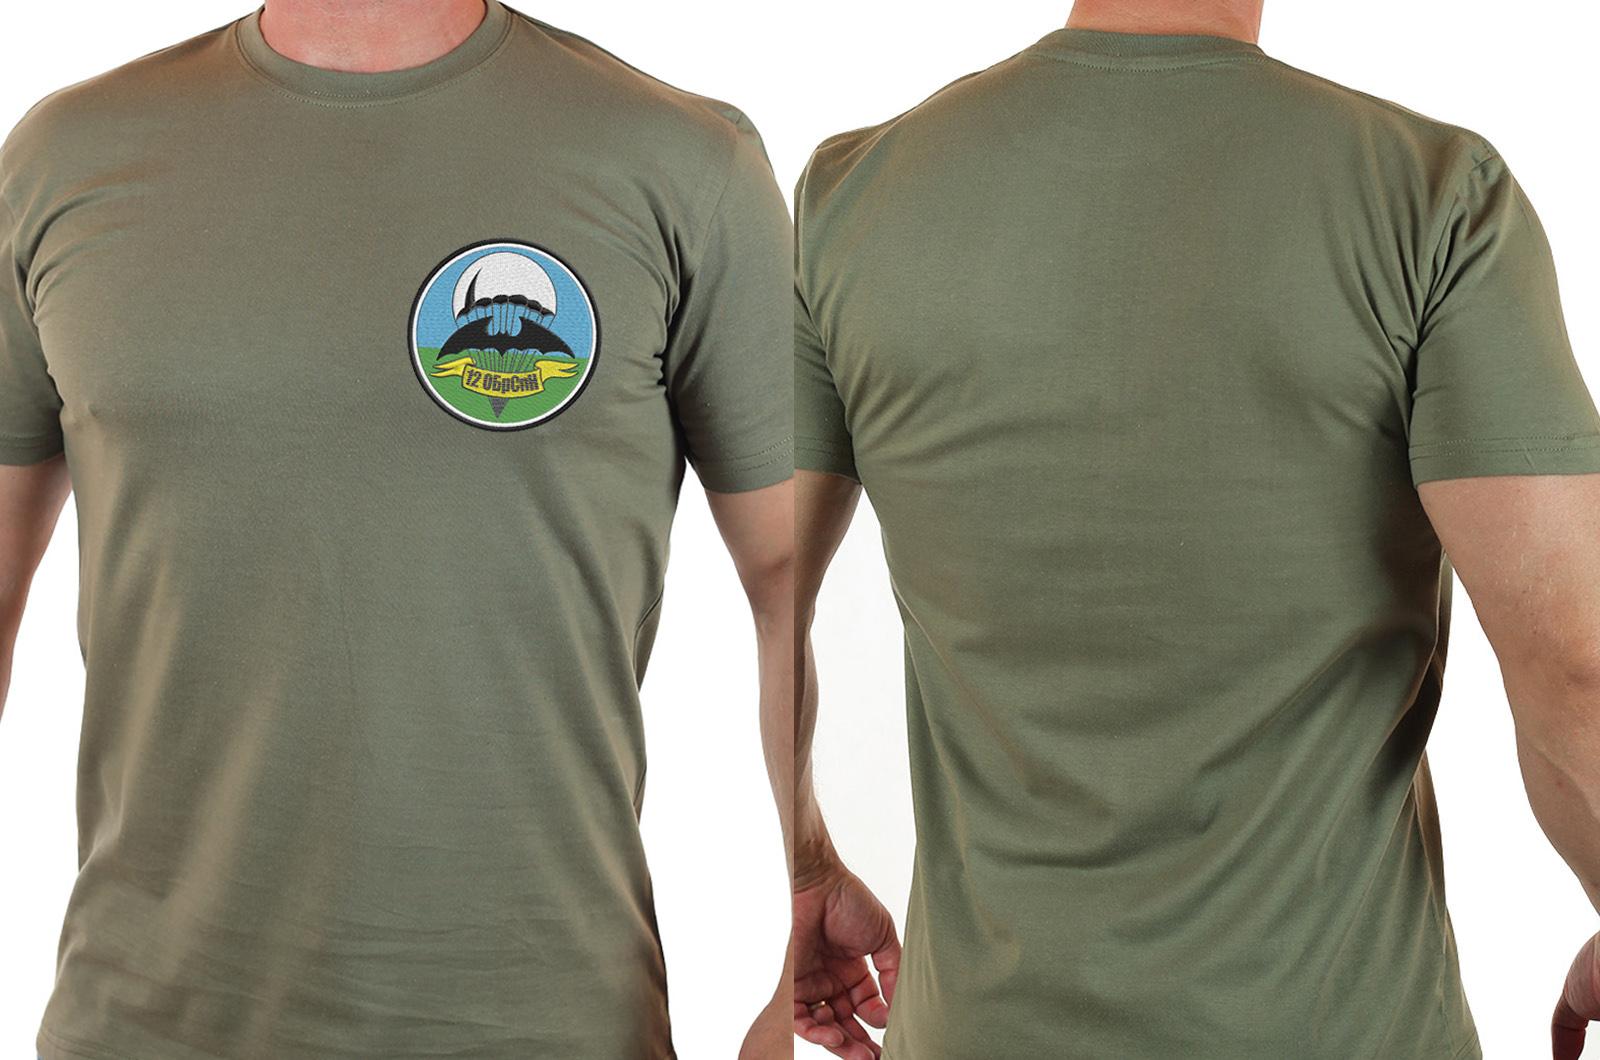 Хаки футболка для парней из 12 ОБрСпН